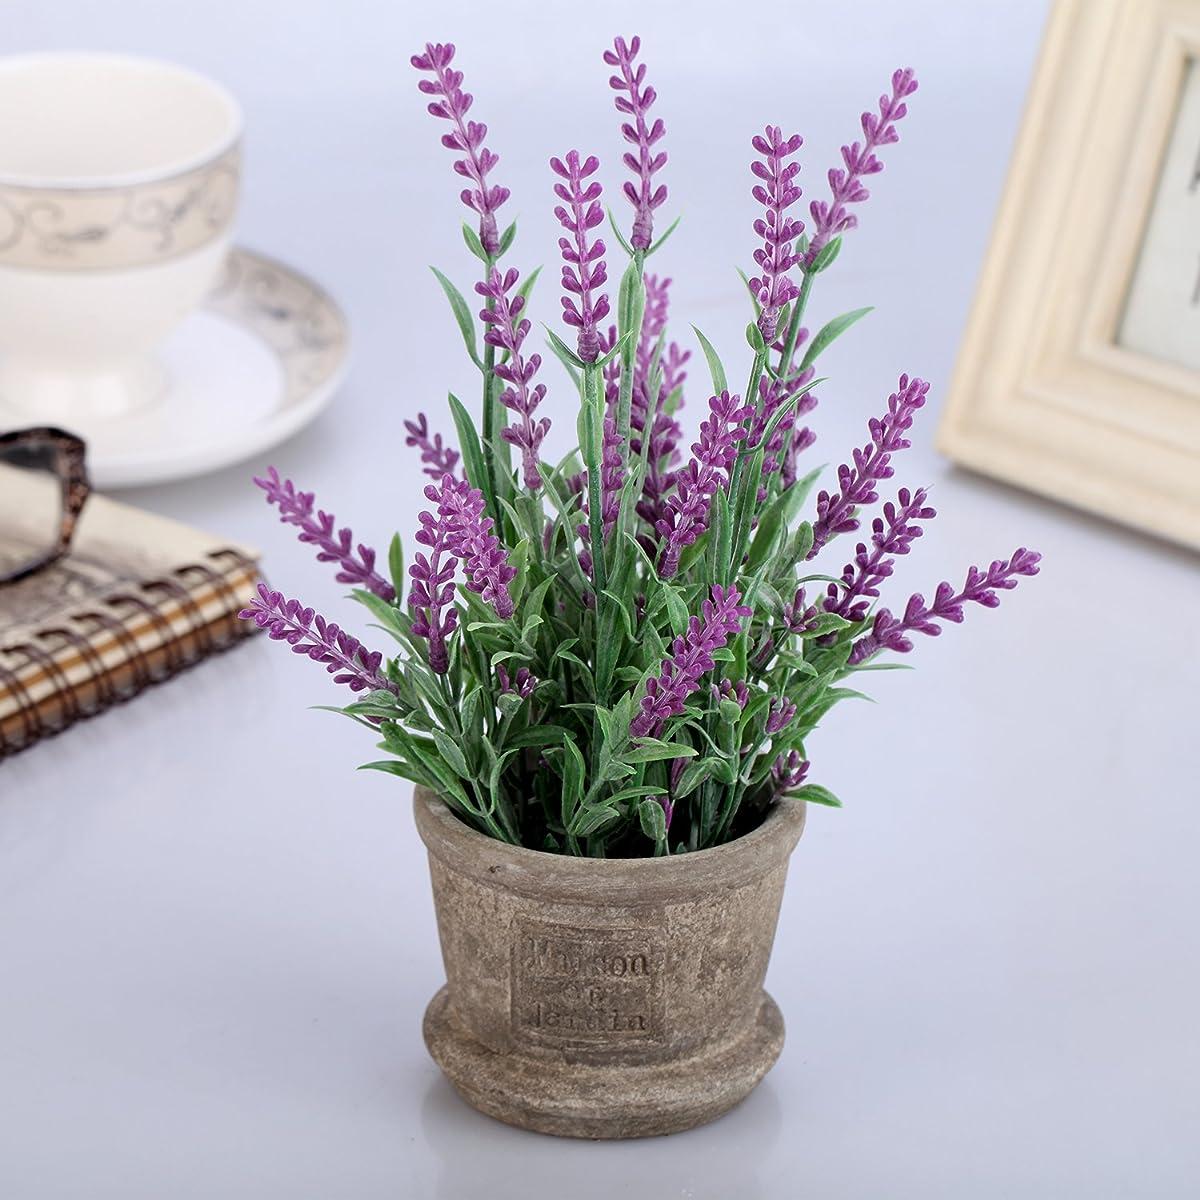 Louis Garden Set of 2 Artificial Plastic Mini Potted Plants Home Decoration (Lavender)